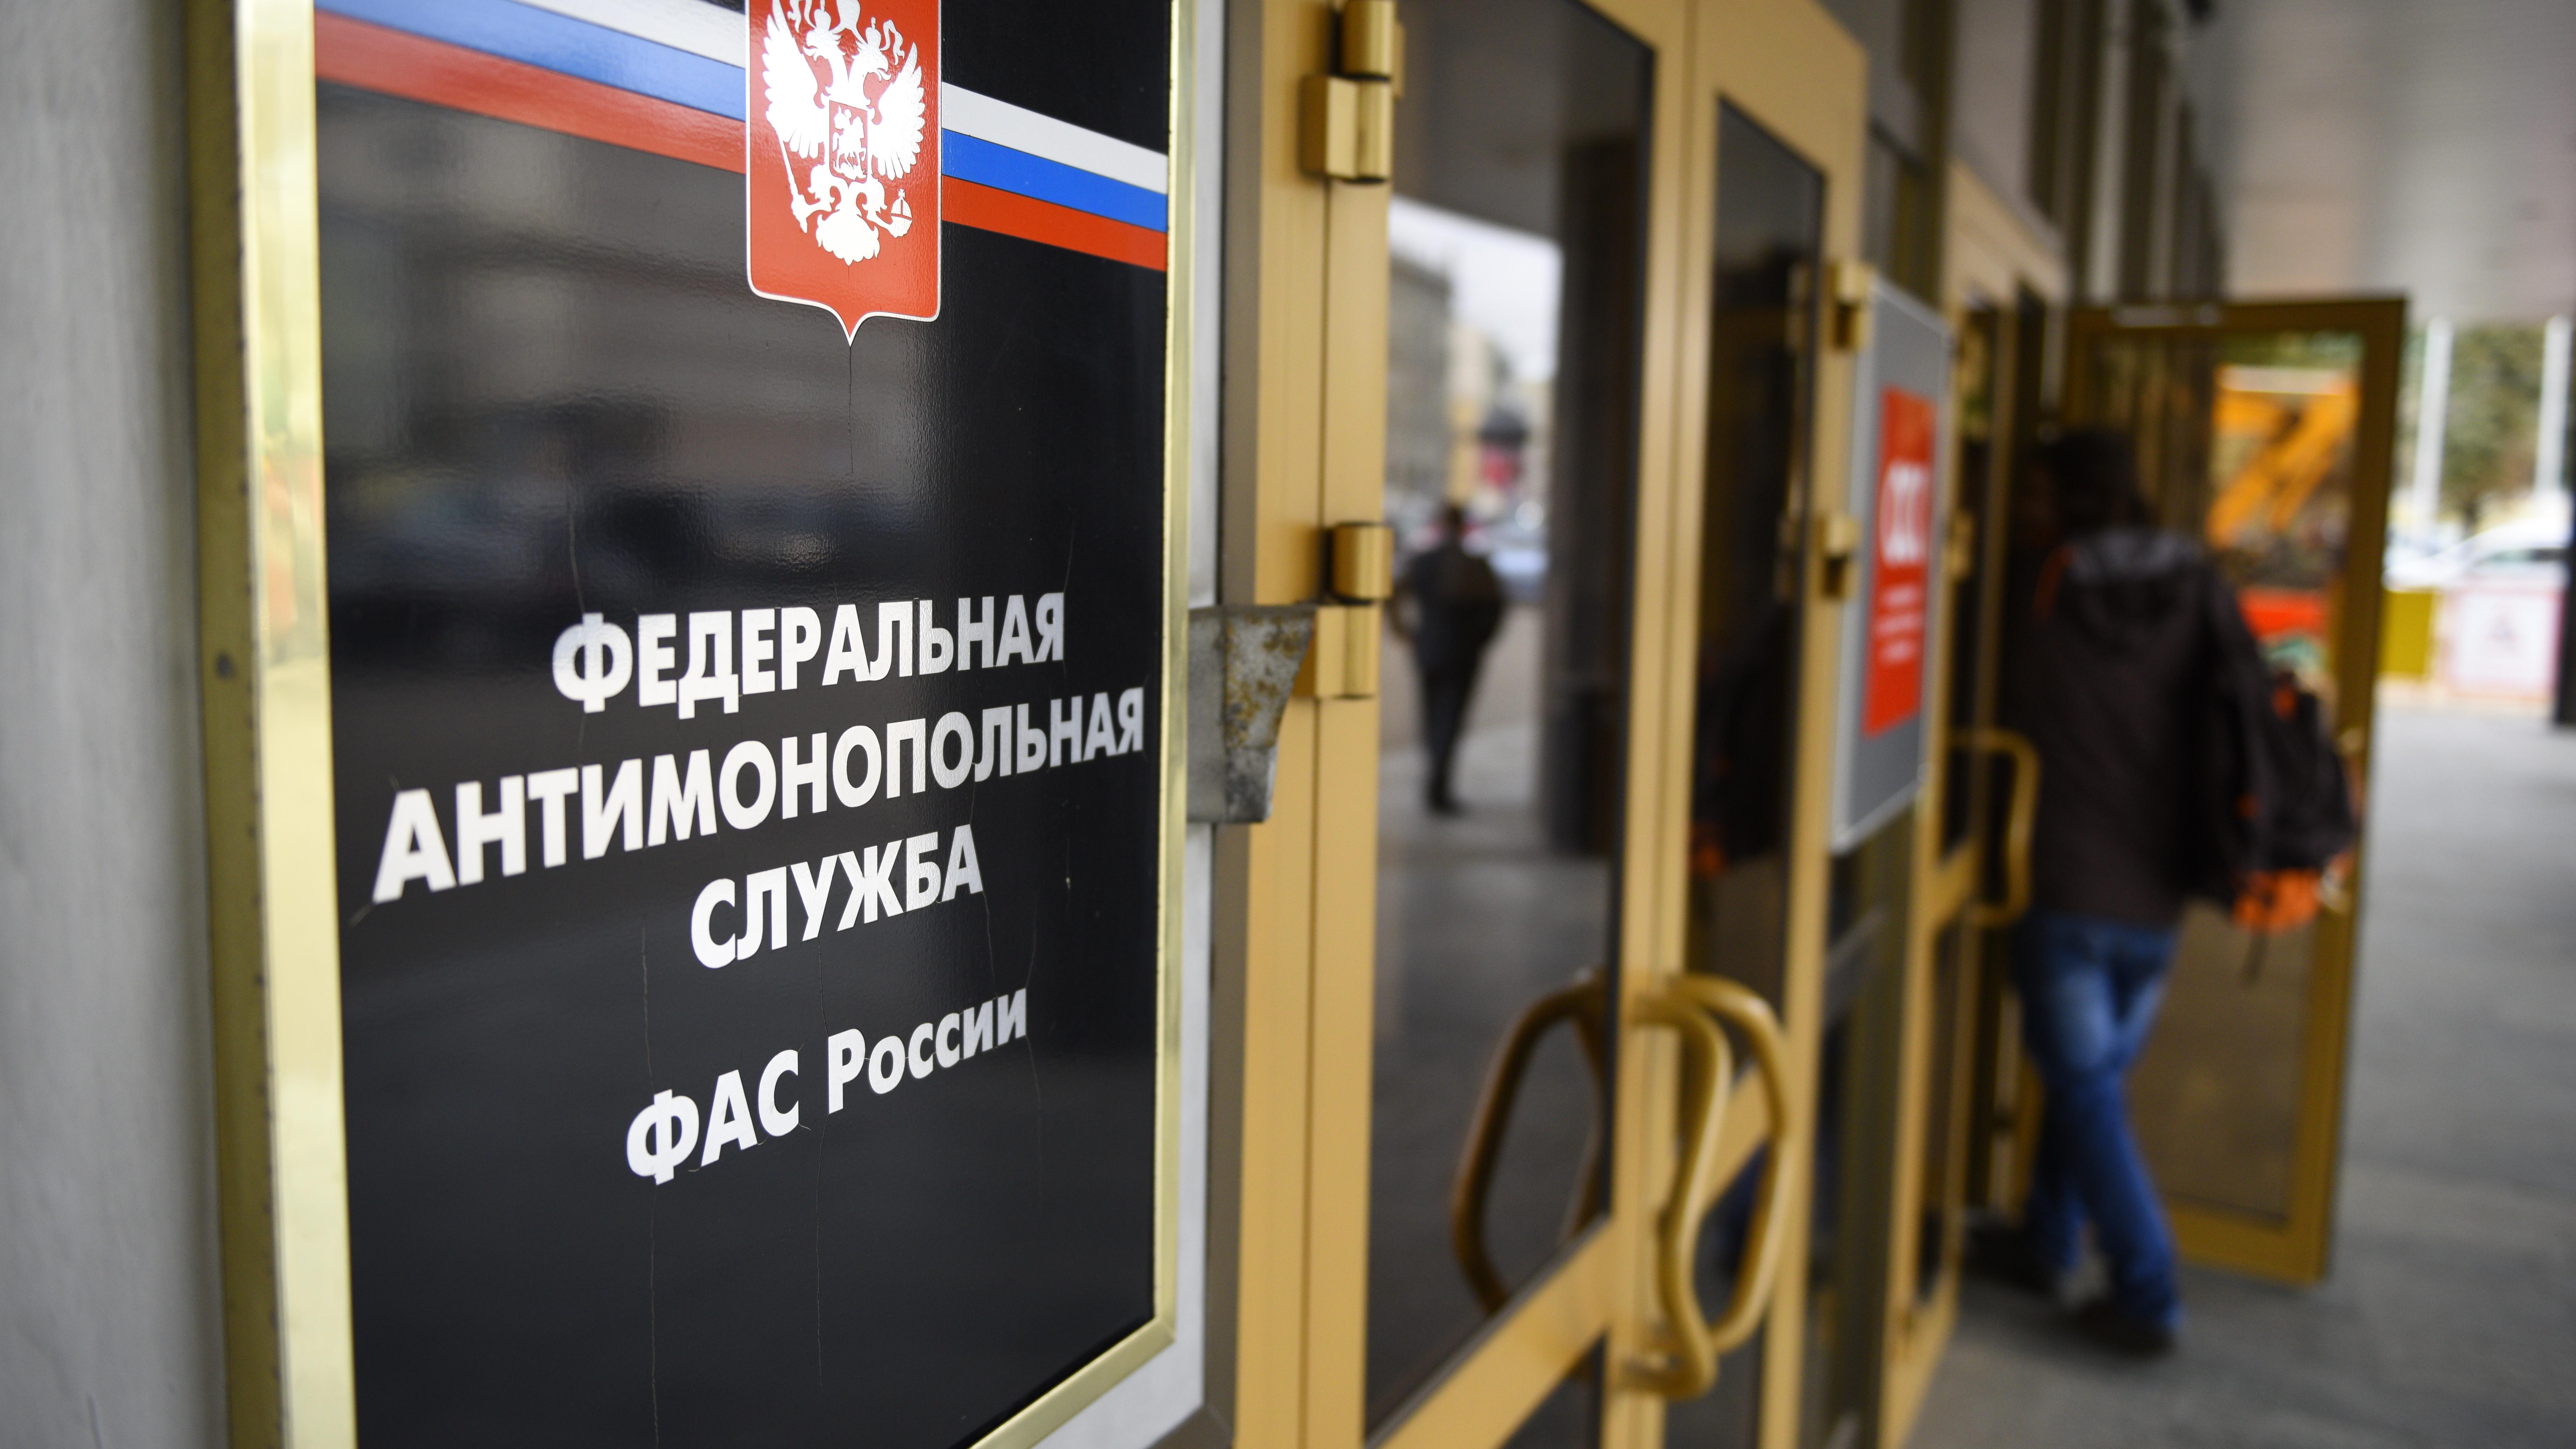 Подмосковное УФАС включит сведения ООО «Конструктор» в реестр недобросовестных поставщиков